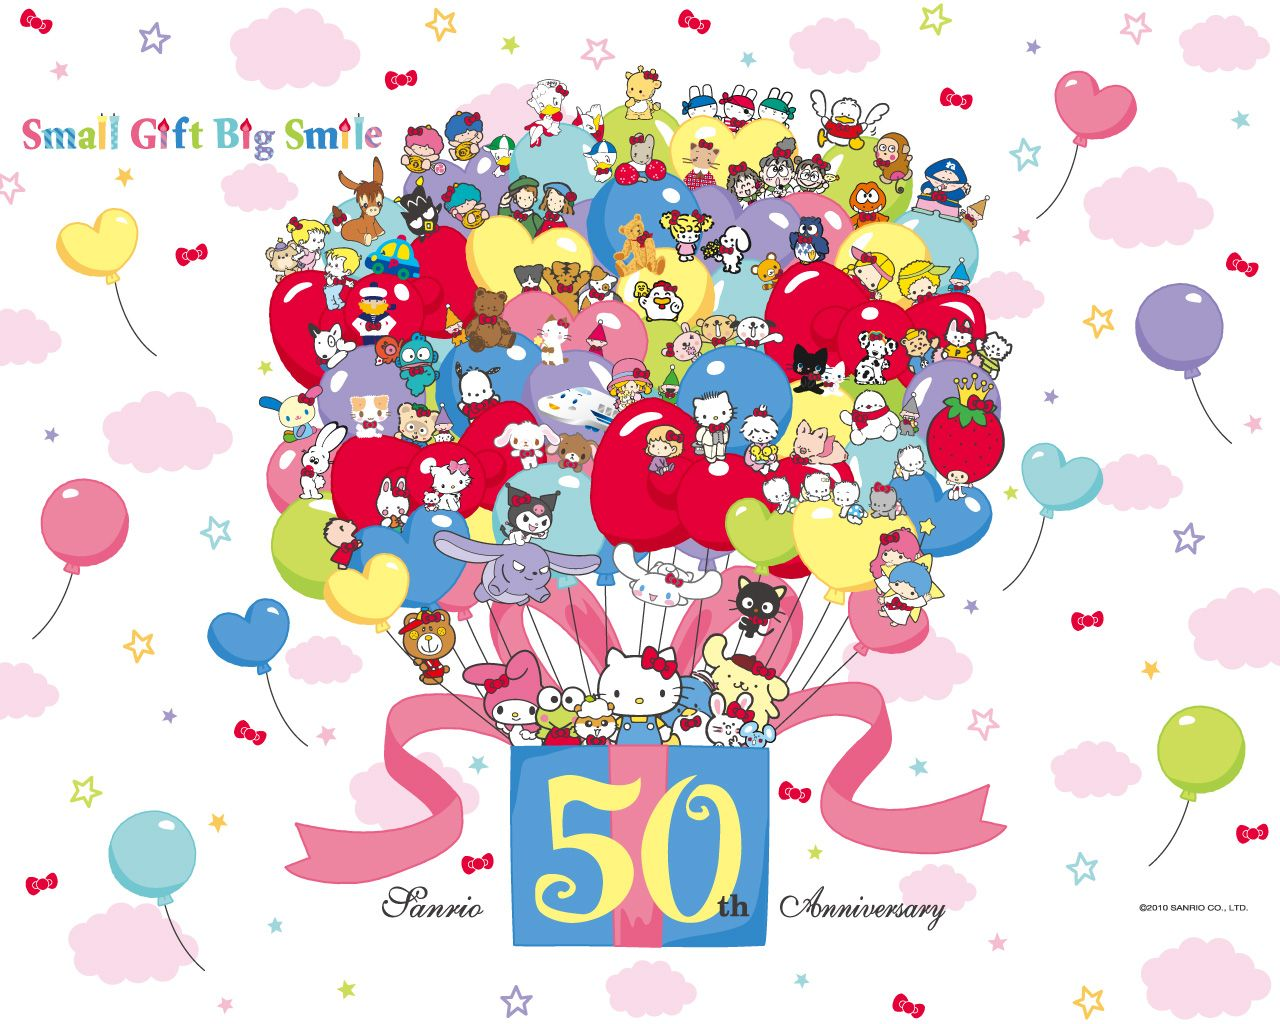 50th anniversary sanrio